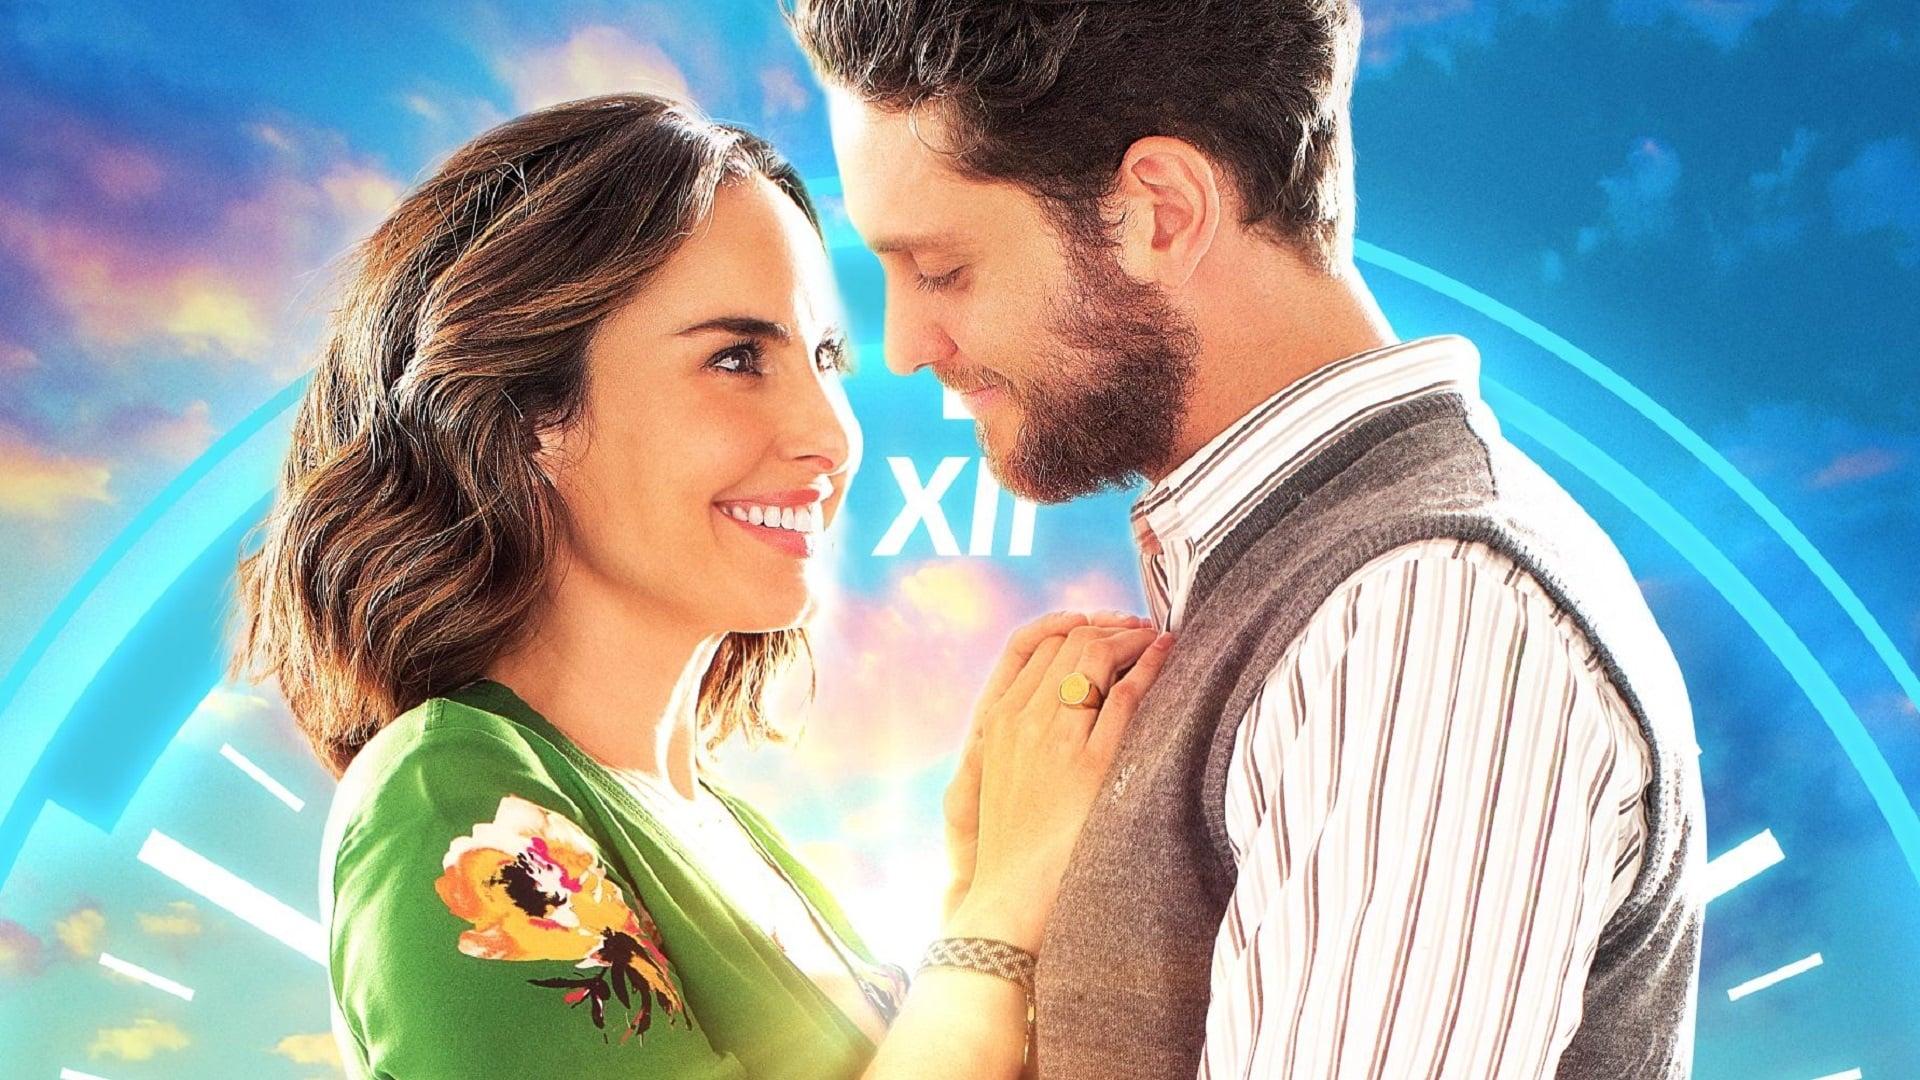 VER El hubiera sí existe (2019) pelicula completa en español latino HD